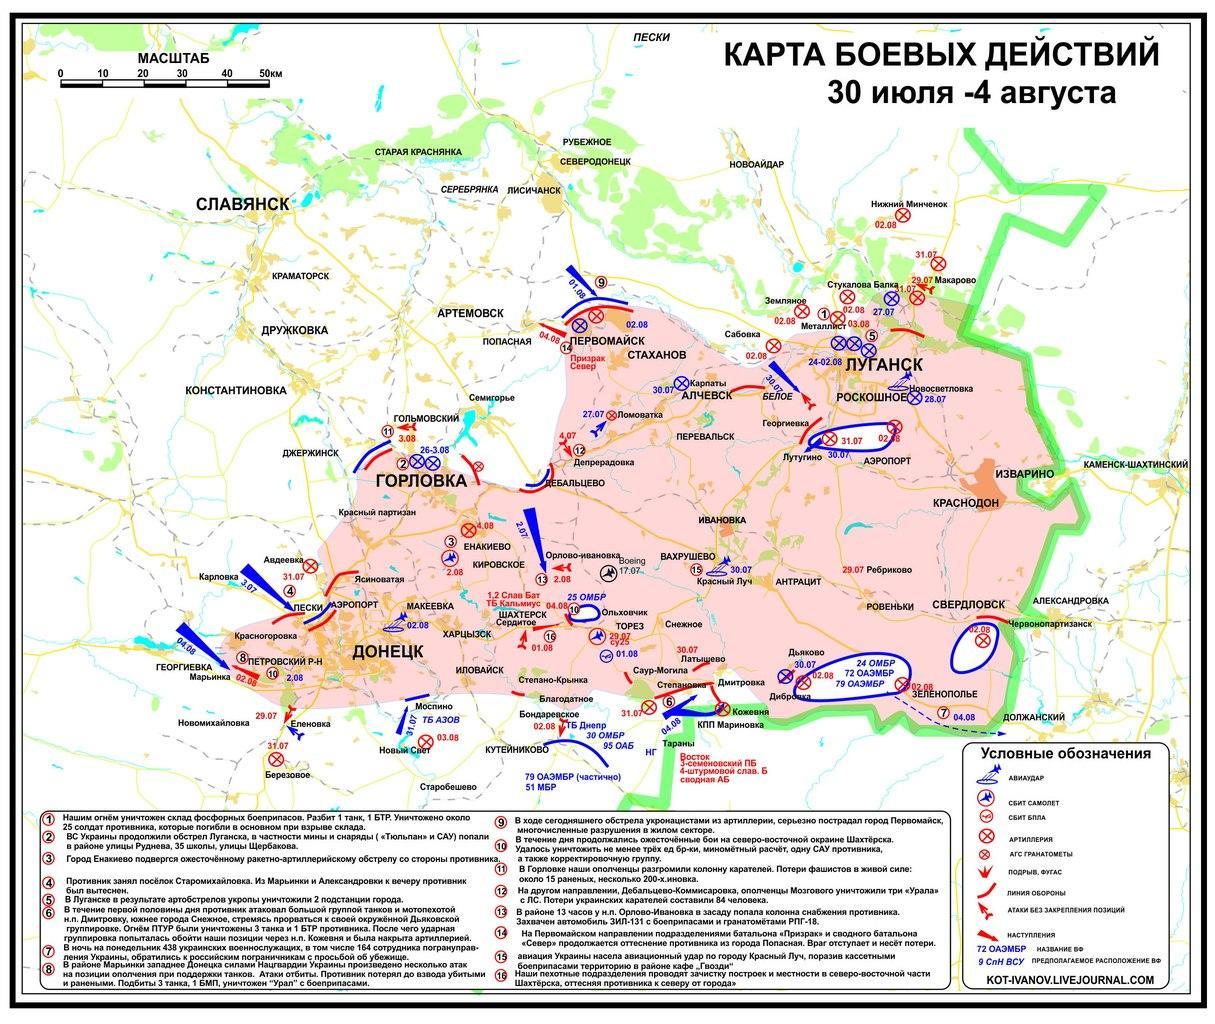 Украинские военнослужащие контролируют участок границы, который раньше охраняла 72 бригада, - СНБО - Цензор.НЕТ 2616